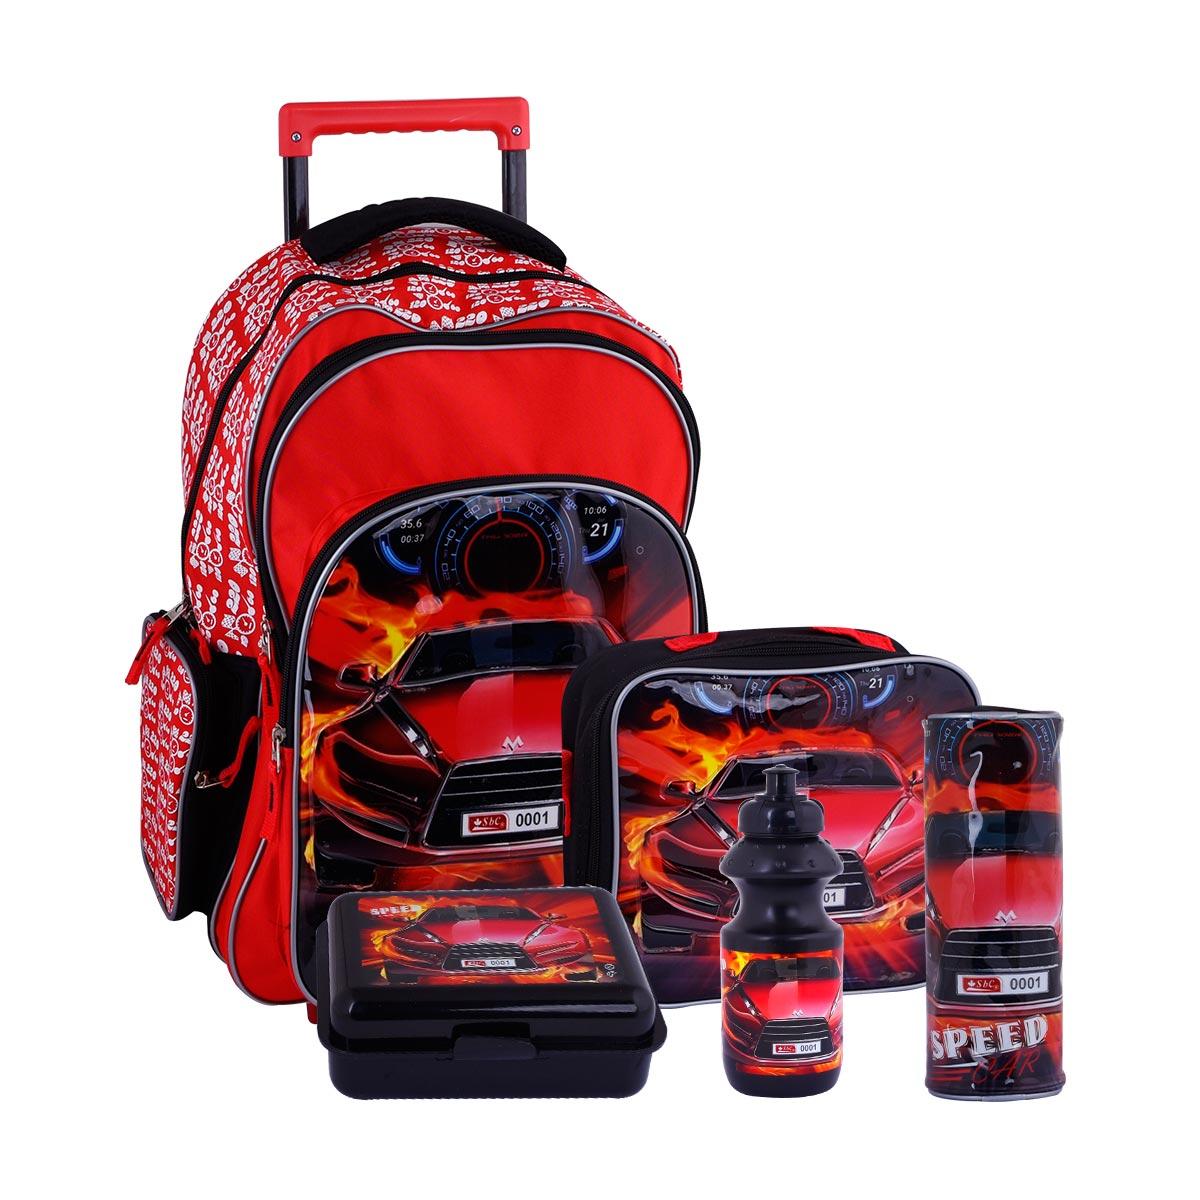 طقم حقيبة ظهر مدرسية بعجلات وملحقاتها 5*1 - رقم 4757-007